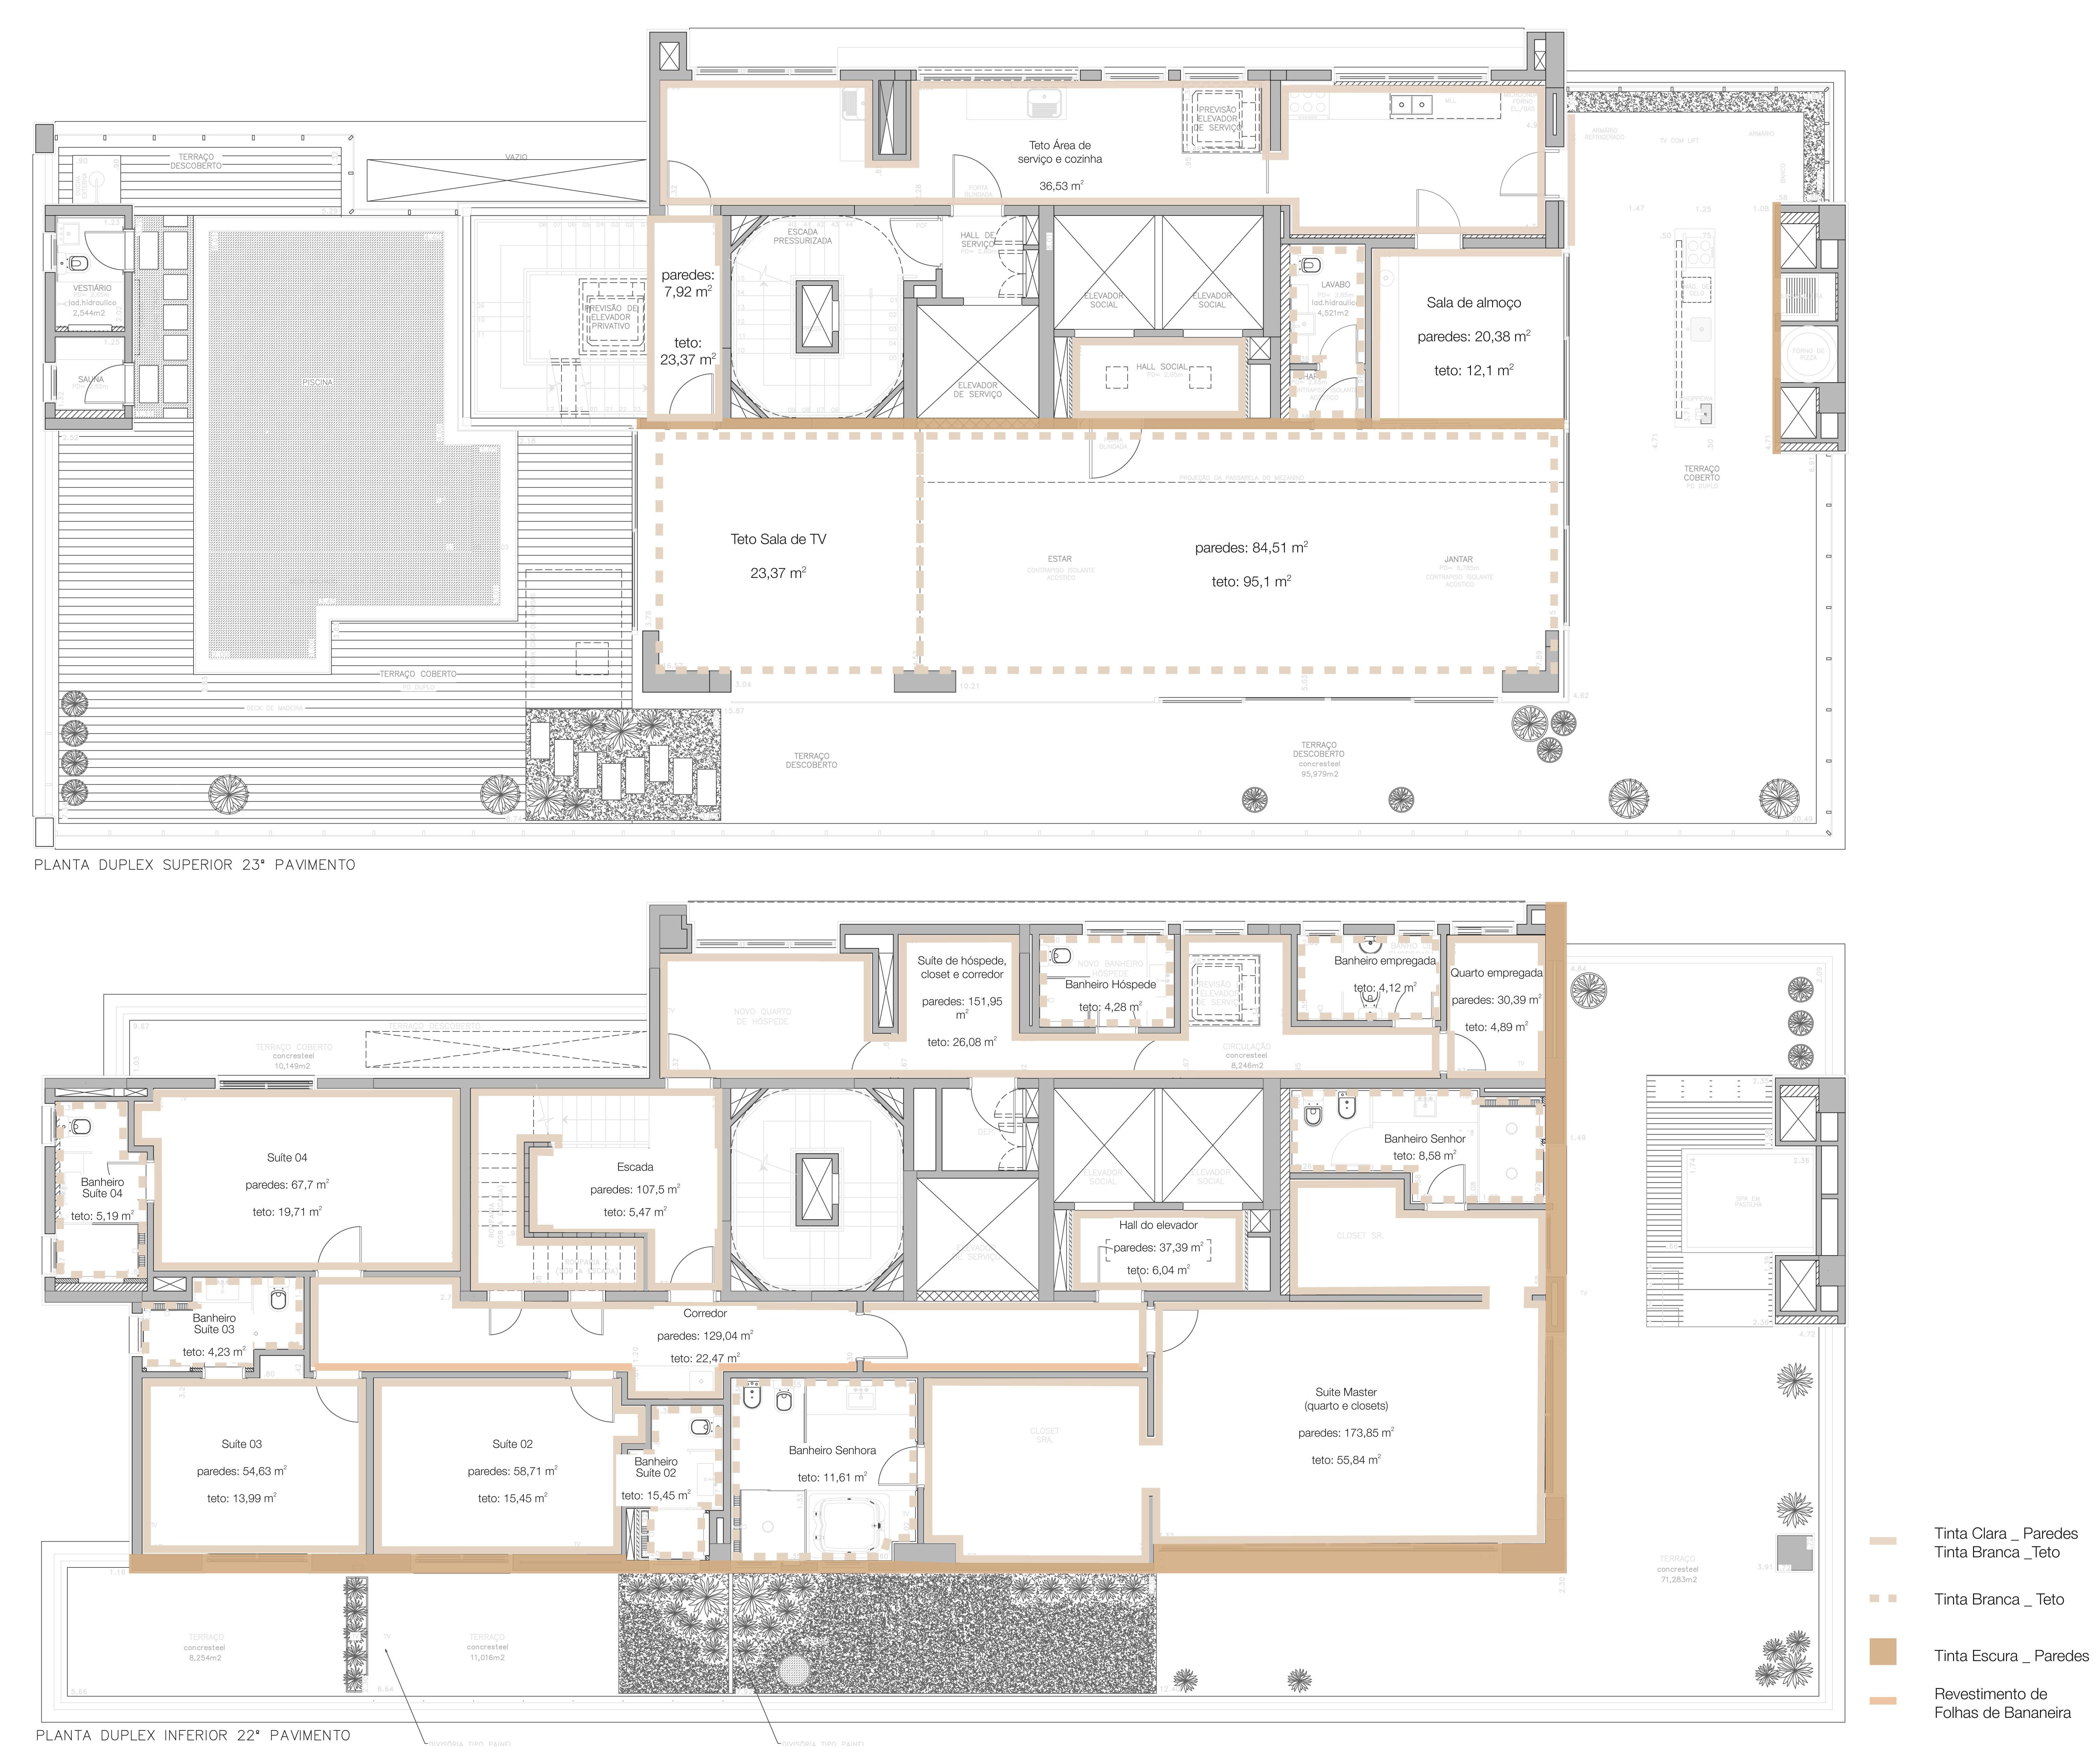 arquitetura-sustentavel-tinta-de-terra1